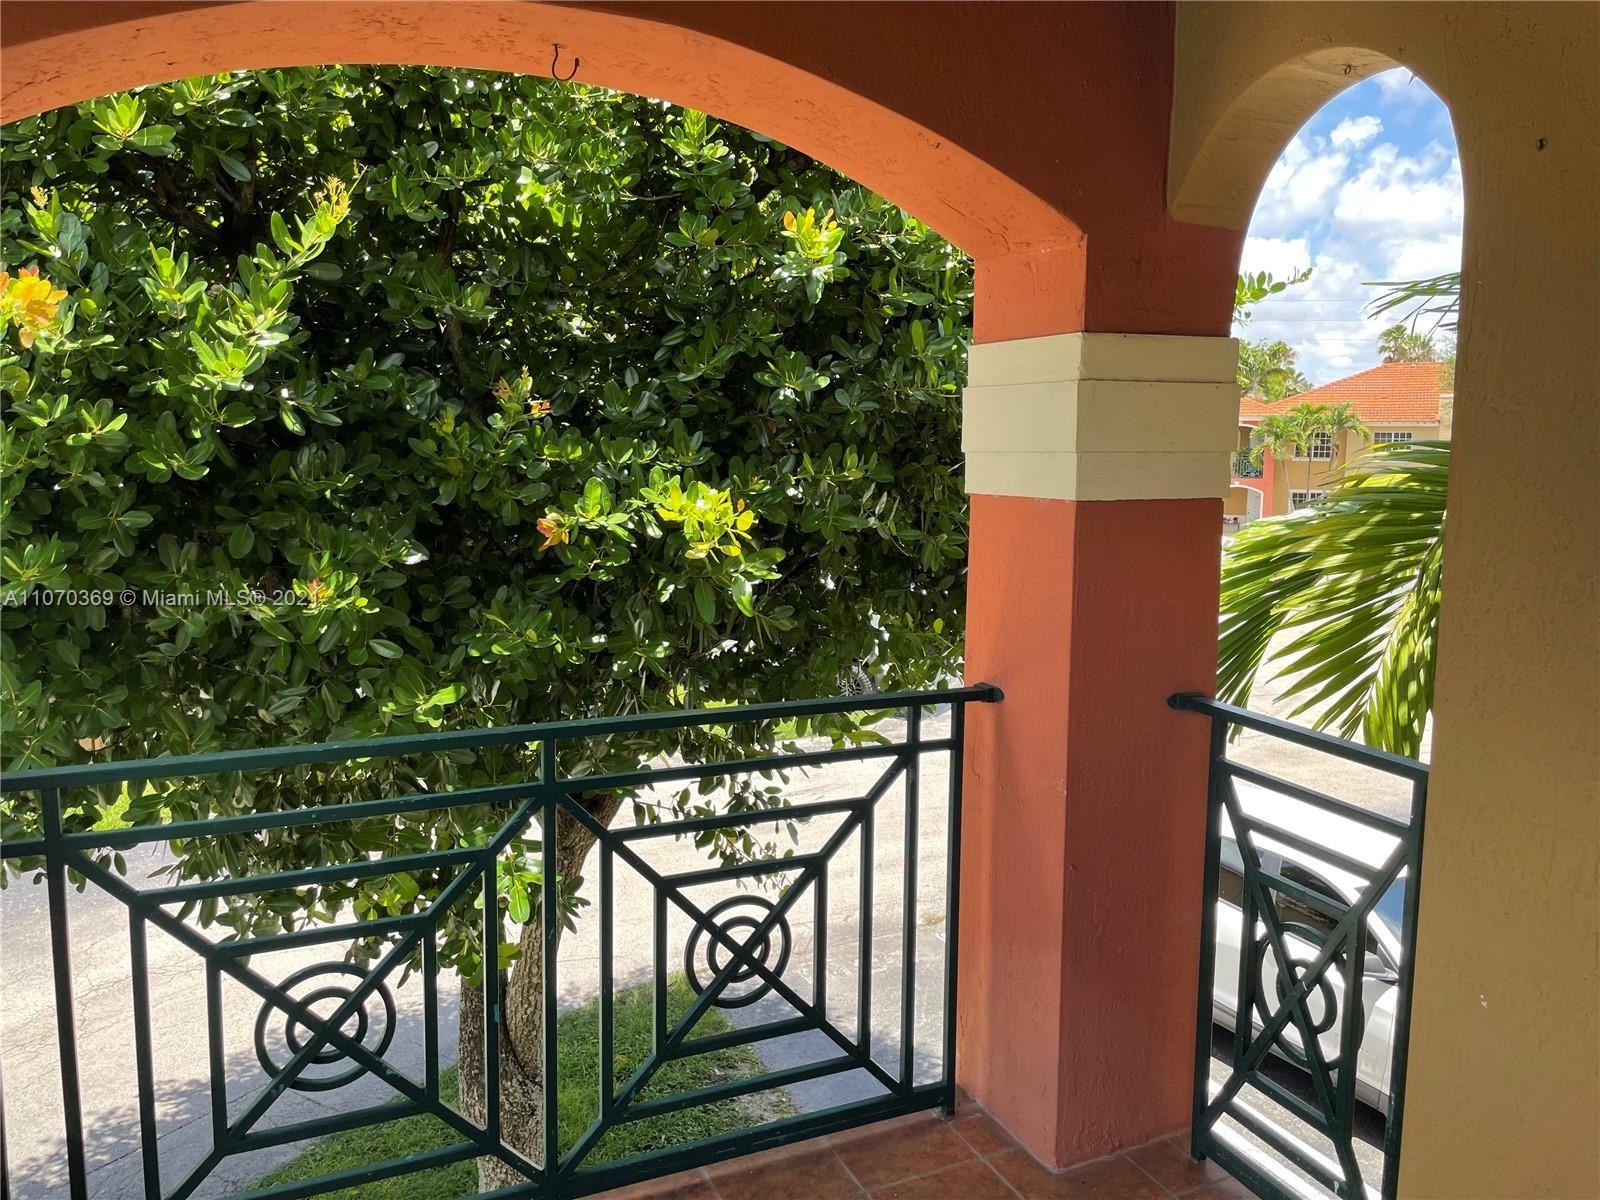 13326 SW 152nd St #3302, Miami, FL 33177 - #: A11070369